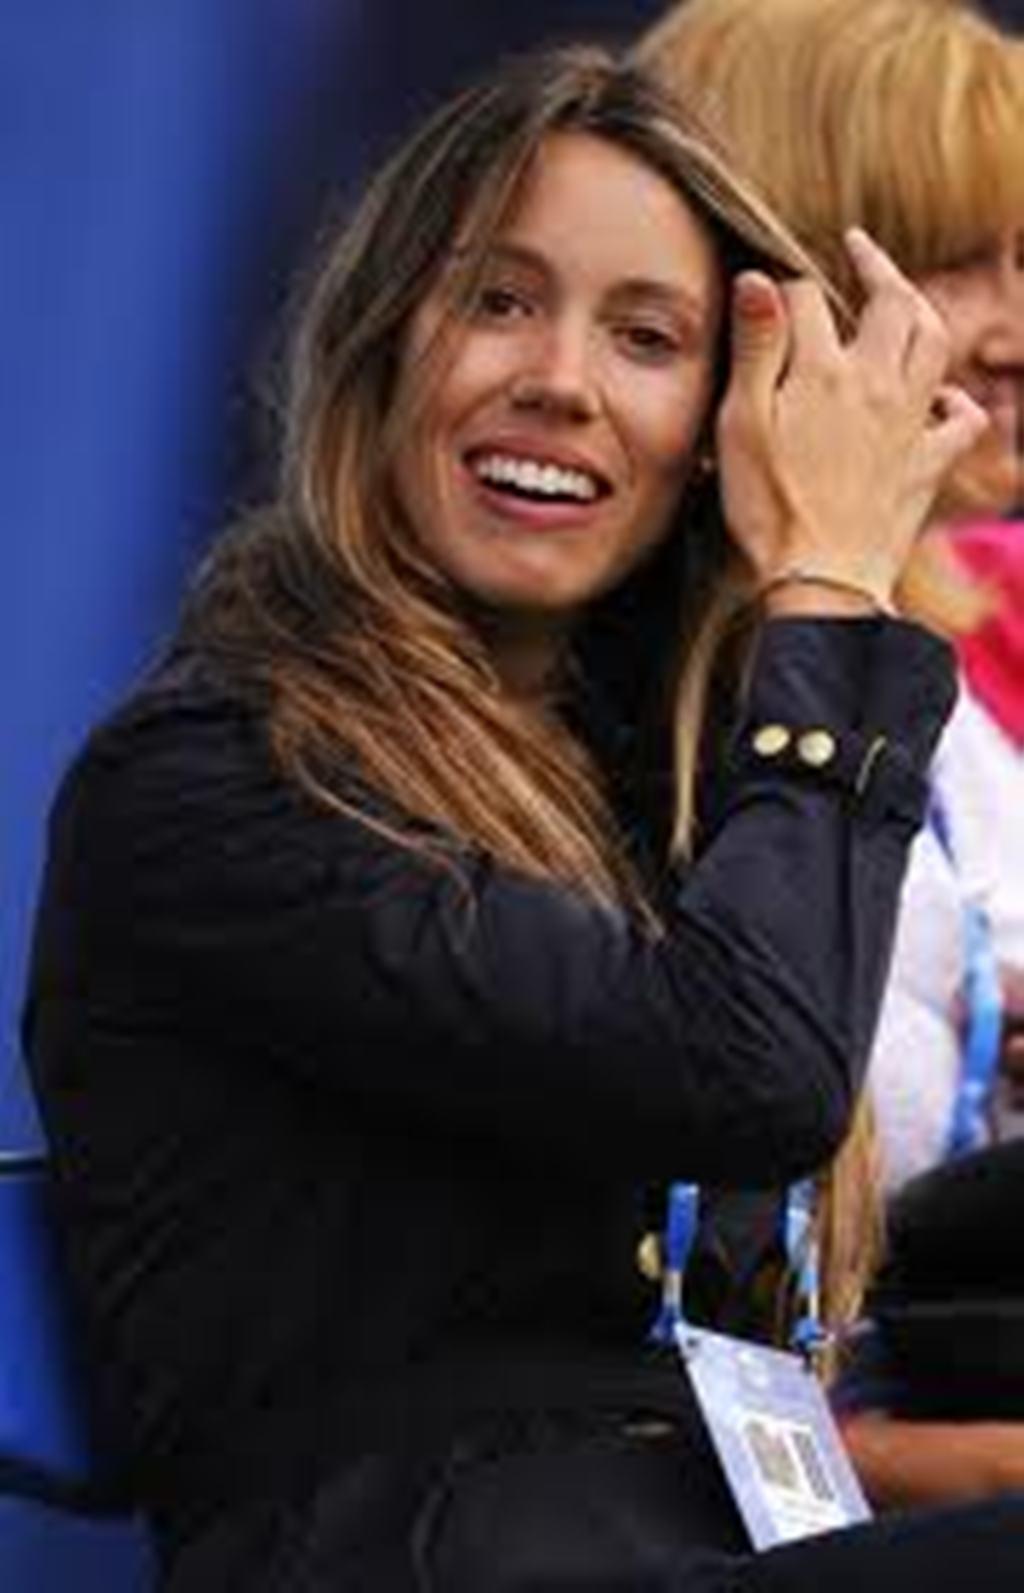 Nadal sister has bleached teeth - Rafael Nadal Photo ...